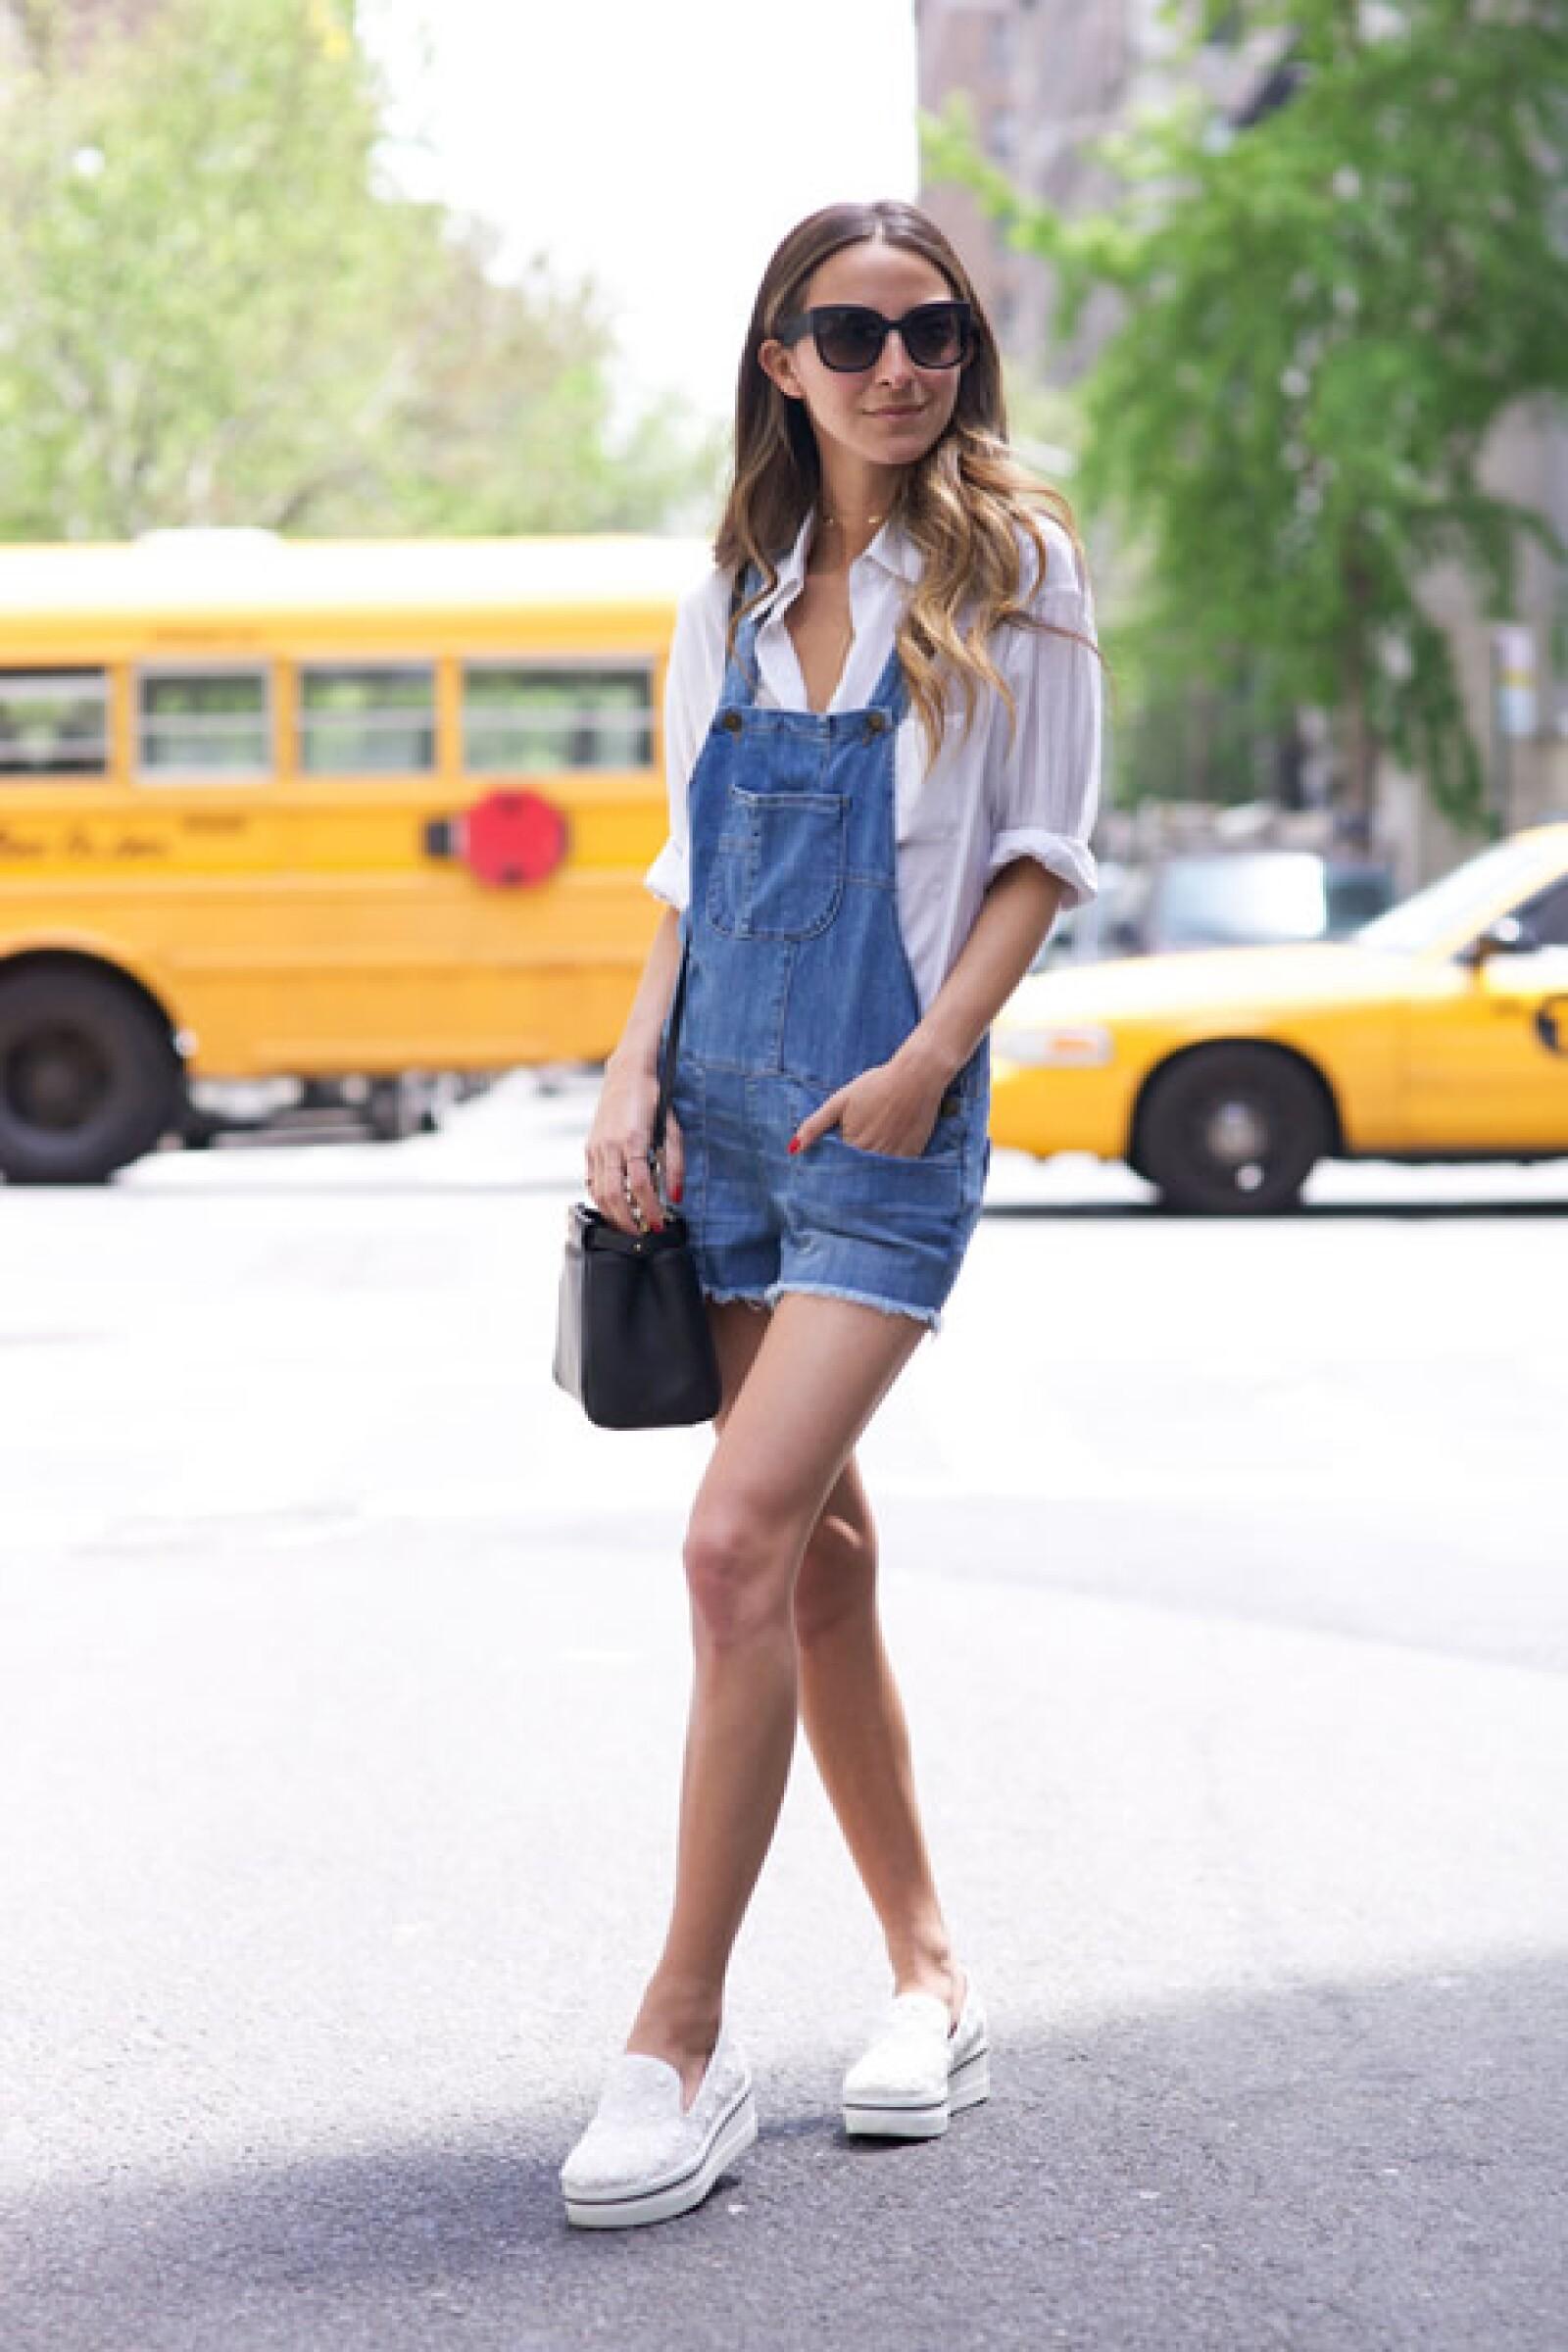 Arielle Charnas de Something Navy sorprende con los mejores looks más casuales para street style. Aquí antes de su embarazo.